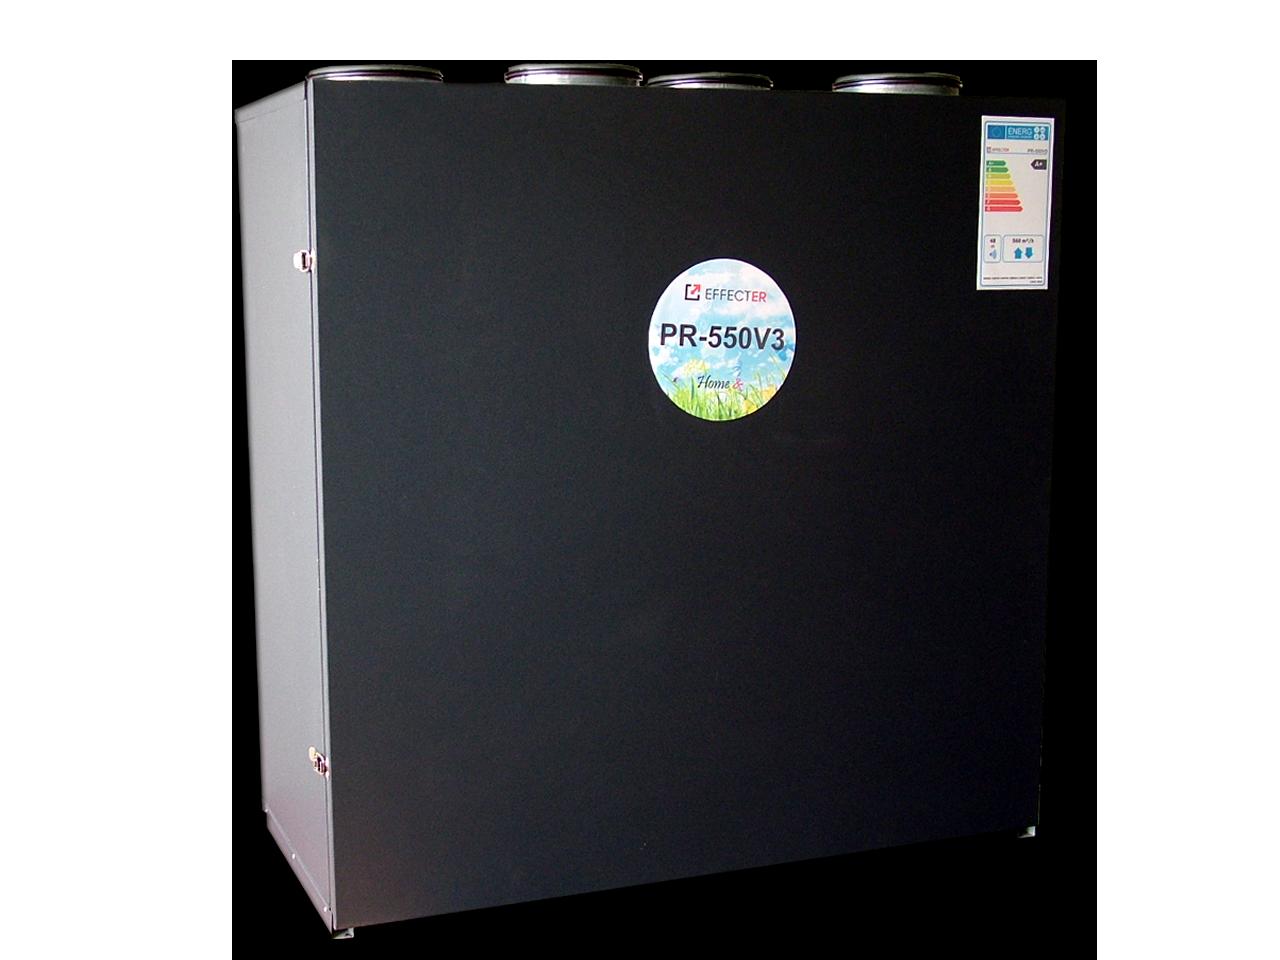 PR-550V3(A+)-P1 Membraninis rekuperatorius su 3-jų pakopų entalpiniu šilumokaičiu. Įrenginio našumas: 560m3/h prie 100 Pa; Efektyvumo klasė: A+; Variklių galia: 0,356kWt; Šilumokaičių plotas: 26,6kv.m. EC ventiliatoriai; Rankinis valdymas.